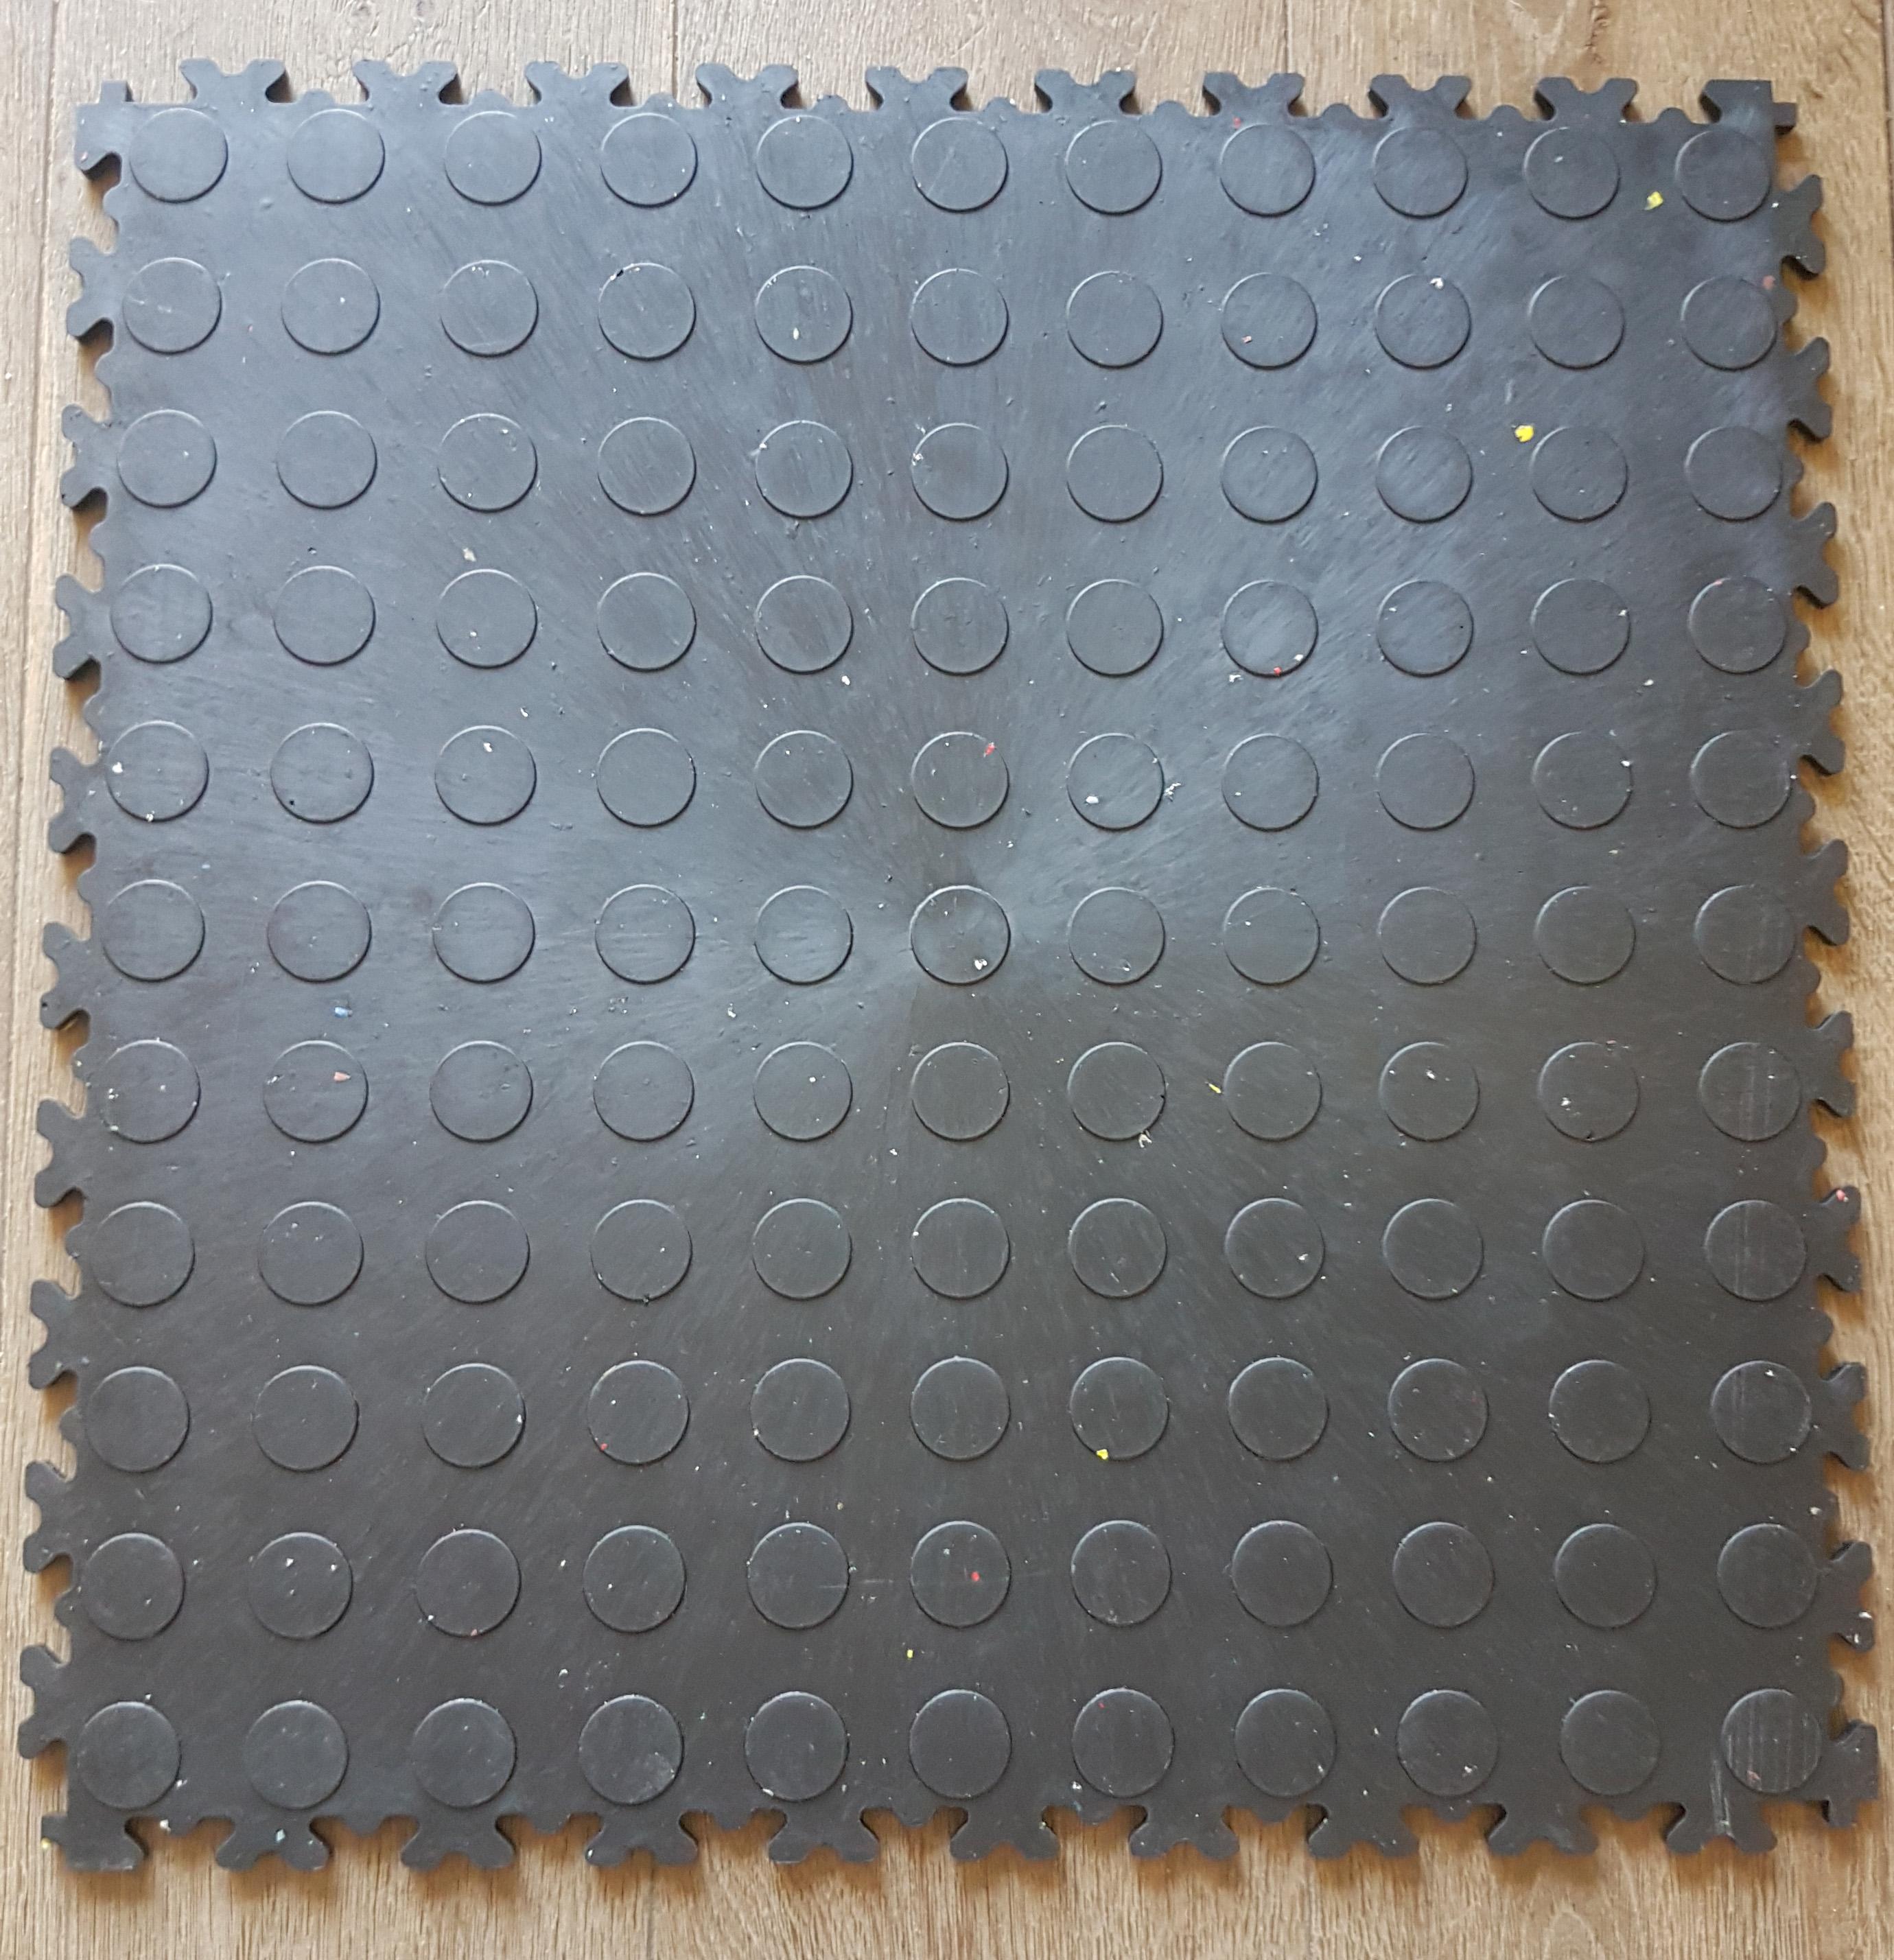 eco pvc 510 x 510 x 7mm werkstatt fliese noppen farbe schwarz werkstatt store. Black Bedroom Furniture Sets. Home Design Ideas